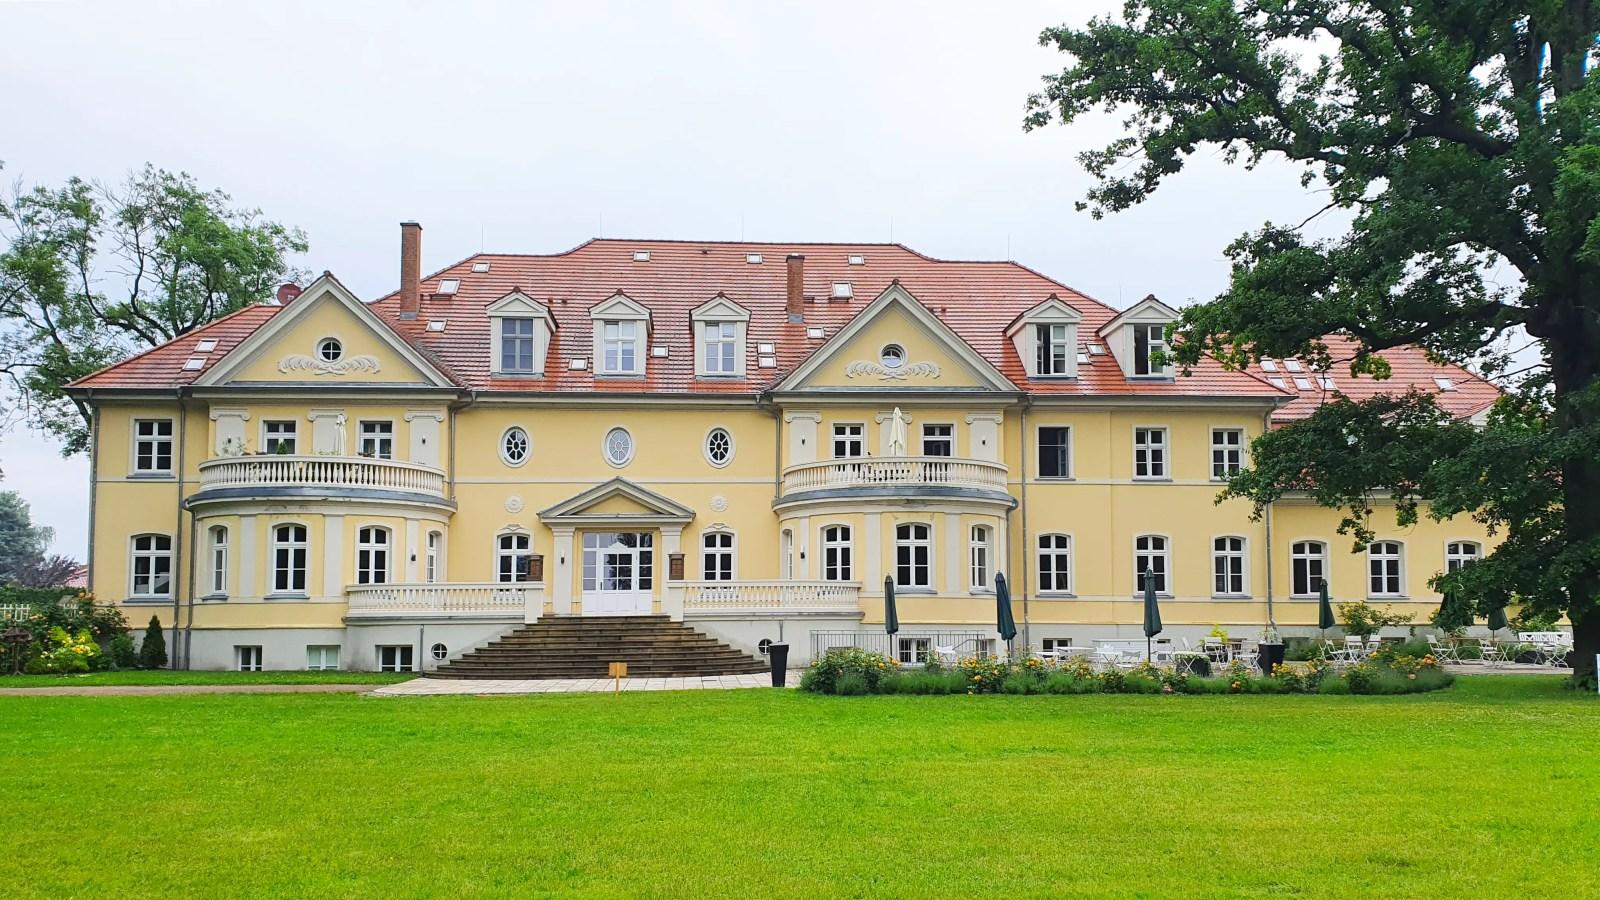 Schlösser in Mecklenburg-Vorpommern, Gutshof in Mecklenburg-Vorpommern, Kulturblogger